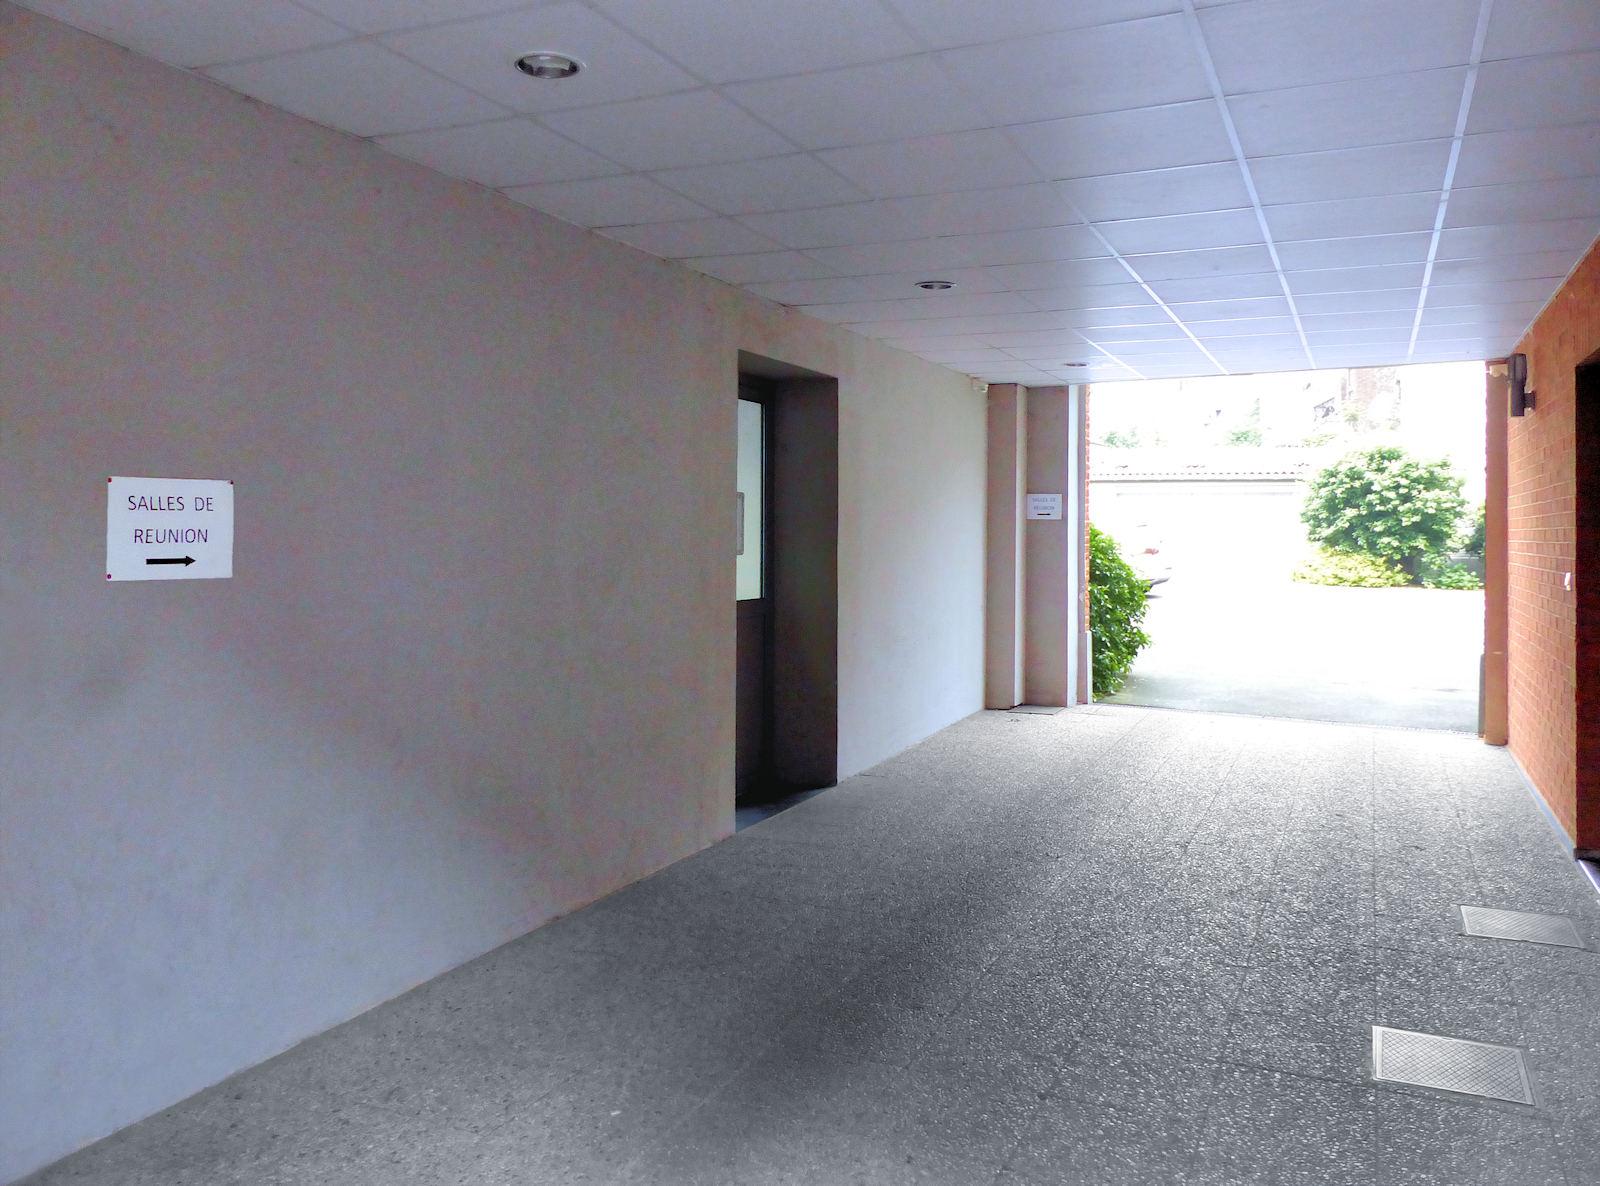 Centre Pastoral, Tourcoing - Accès aux salles de réunion